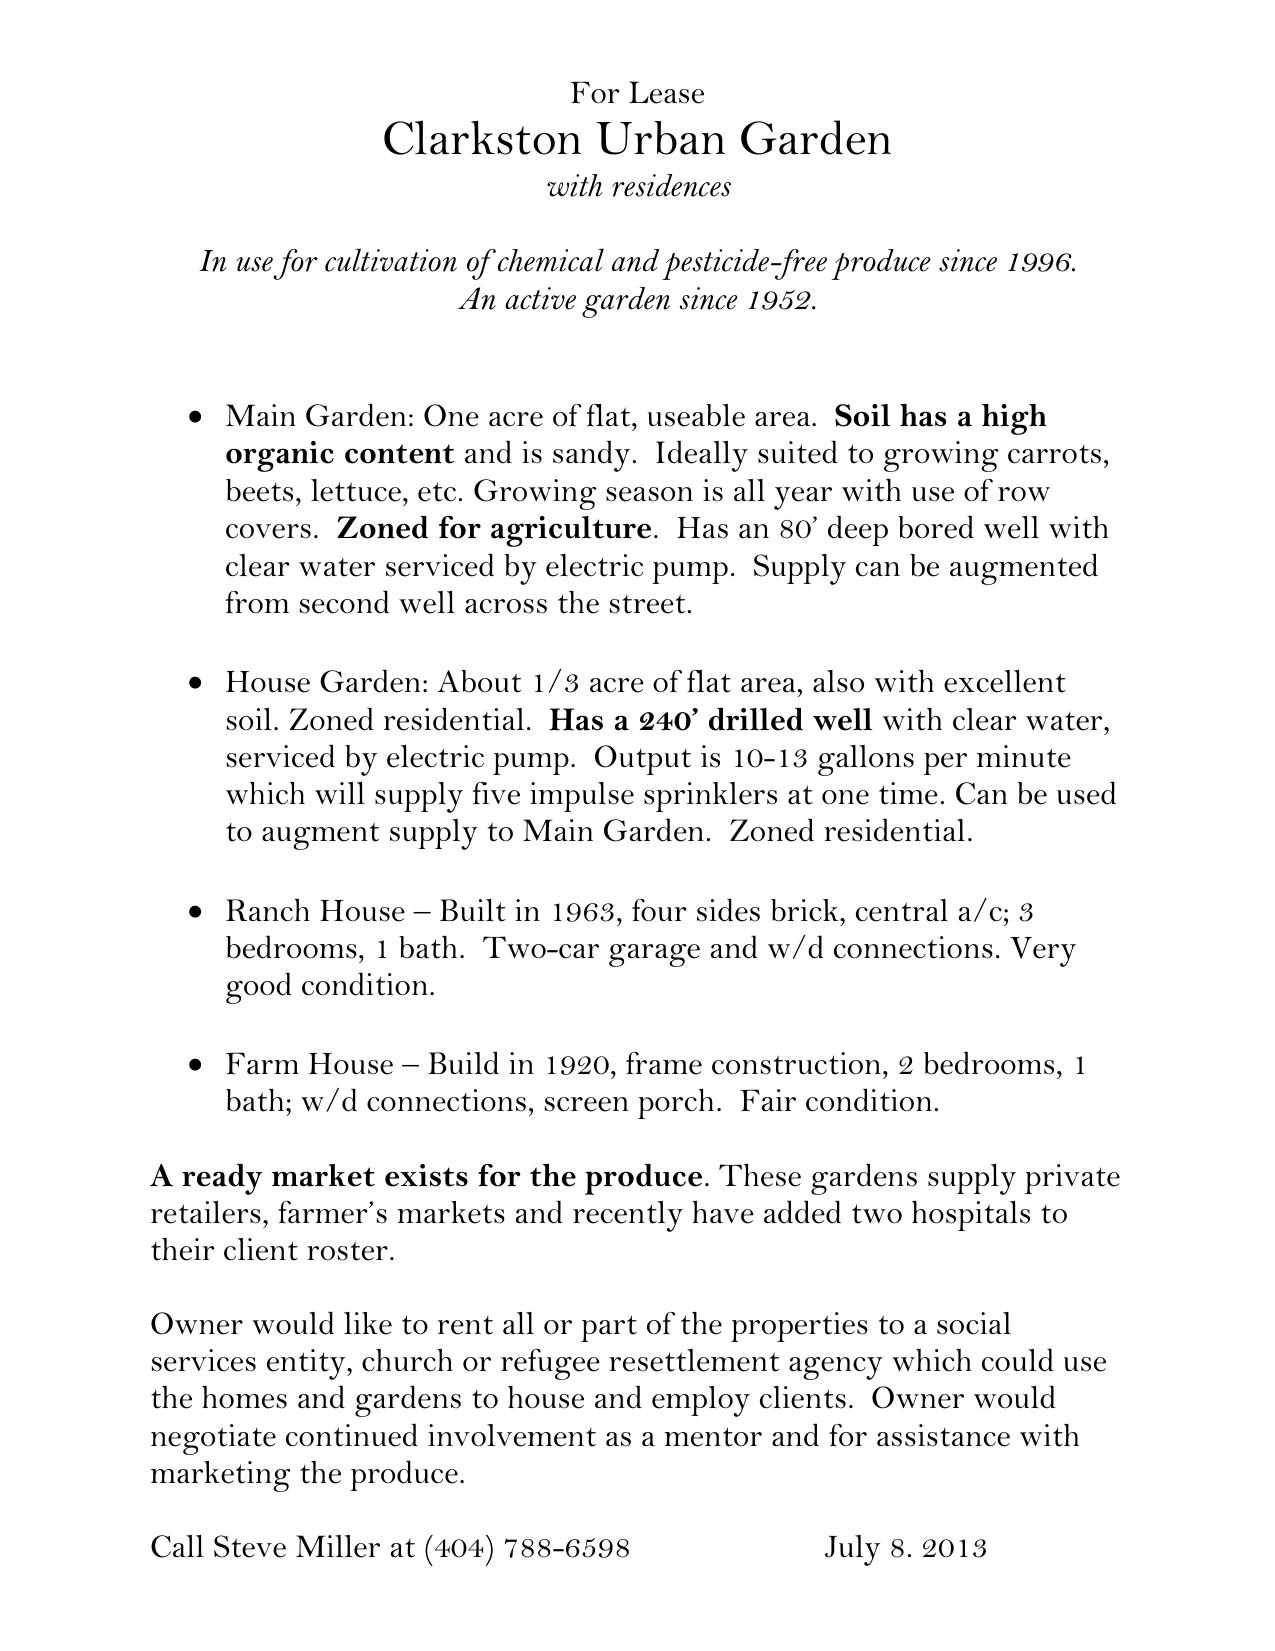 For Lease - Georgia Organics